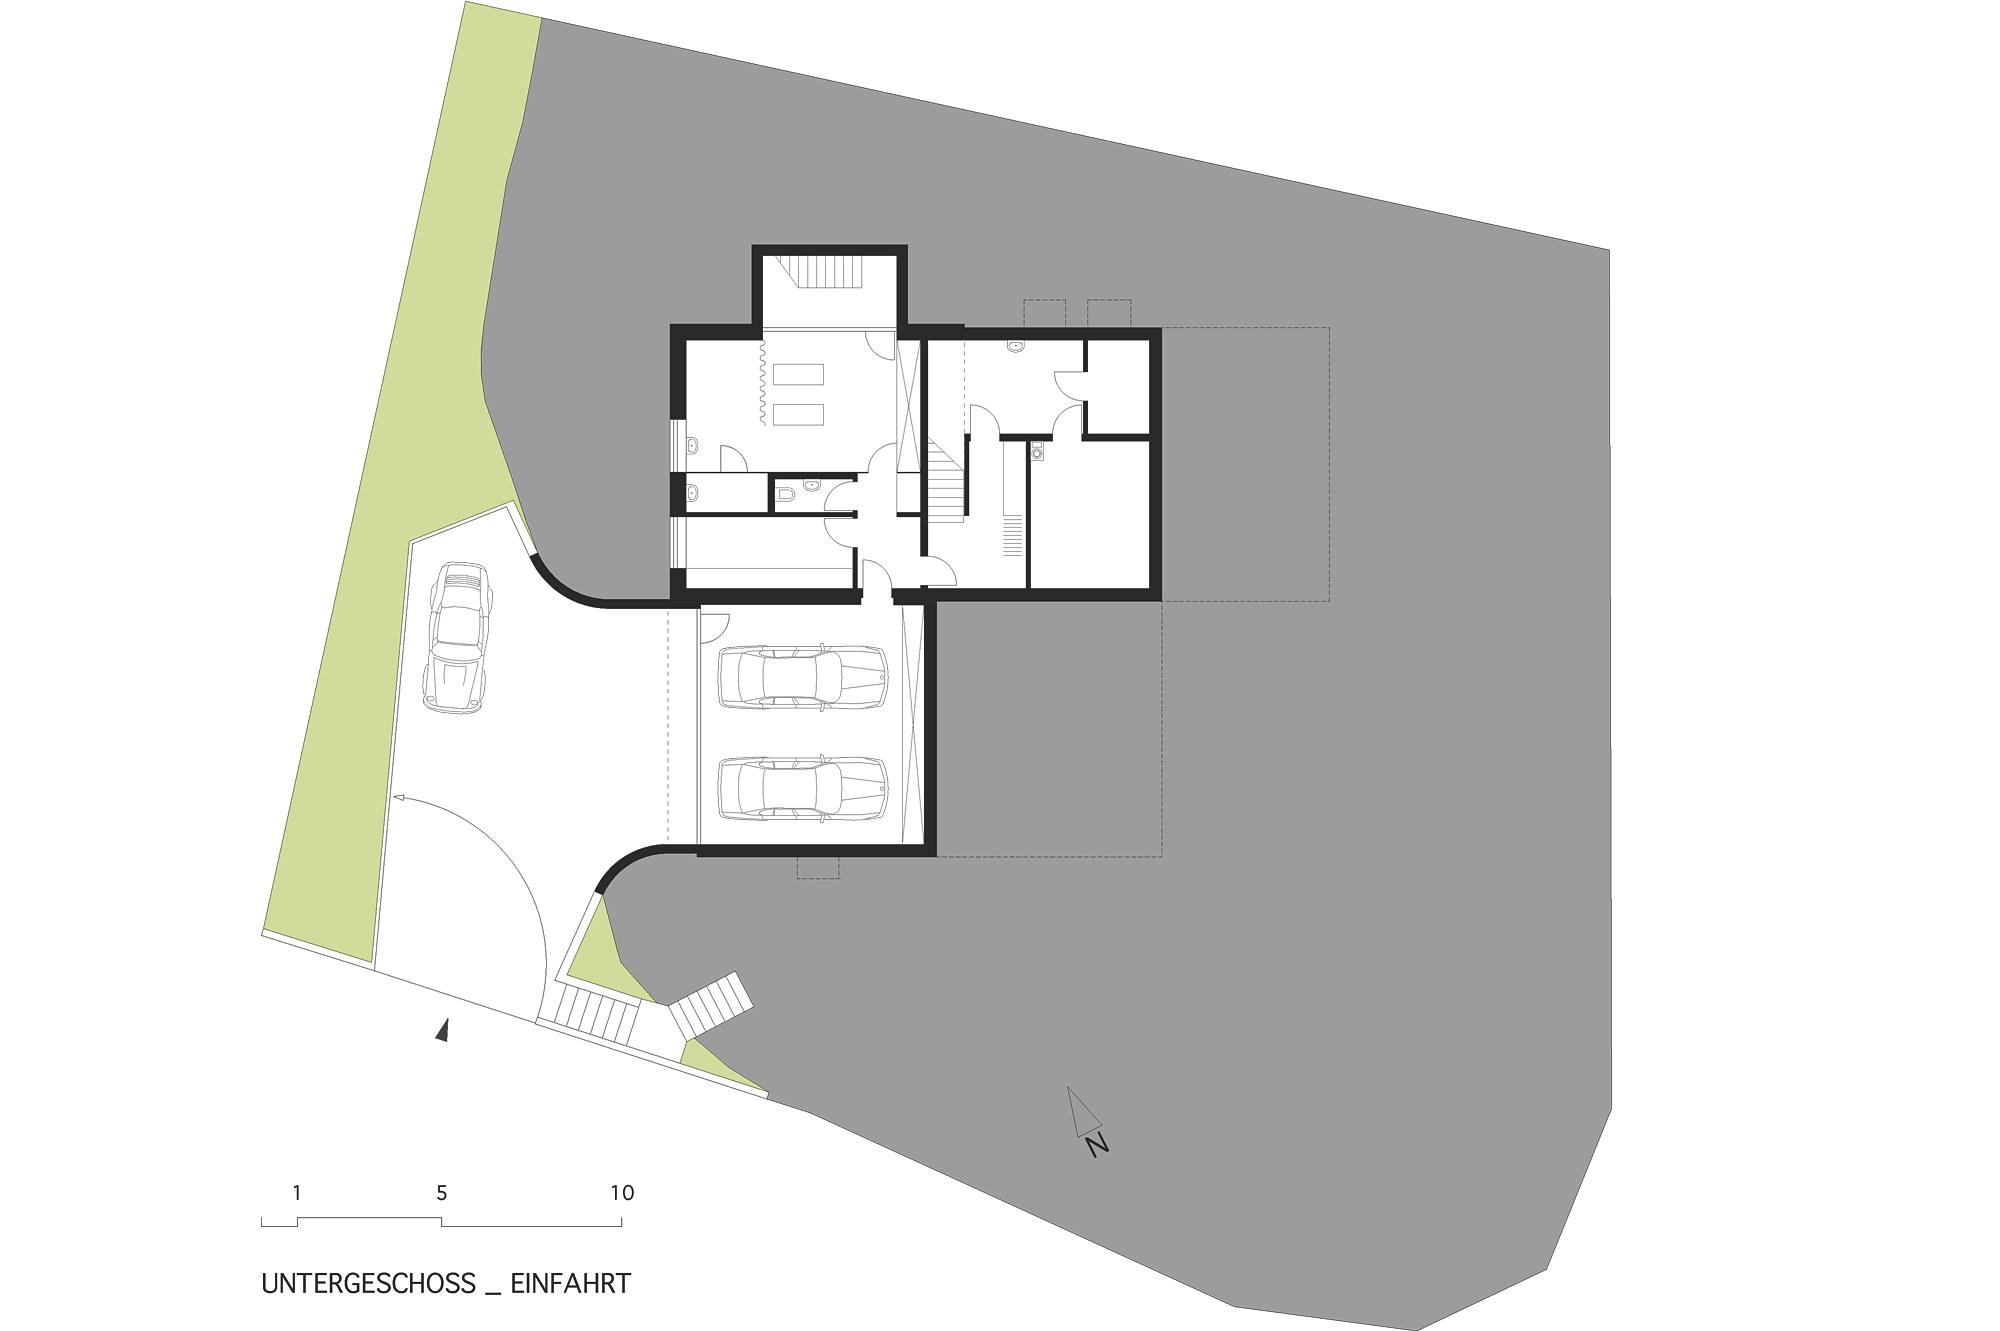 haus_rw_15_niedrigenergie_villa_in_klosterneuburg_niederoesterreich_junger_beer_architektur